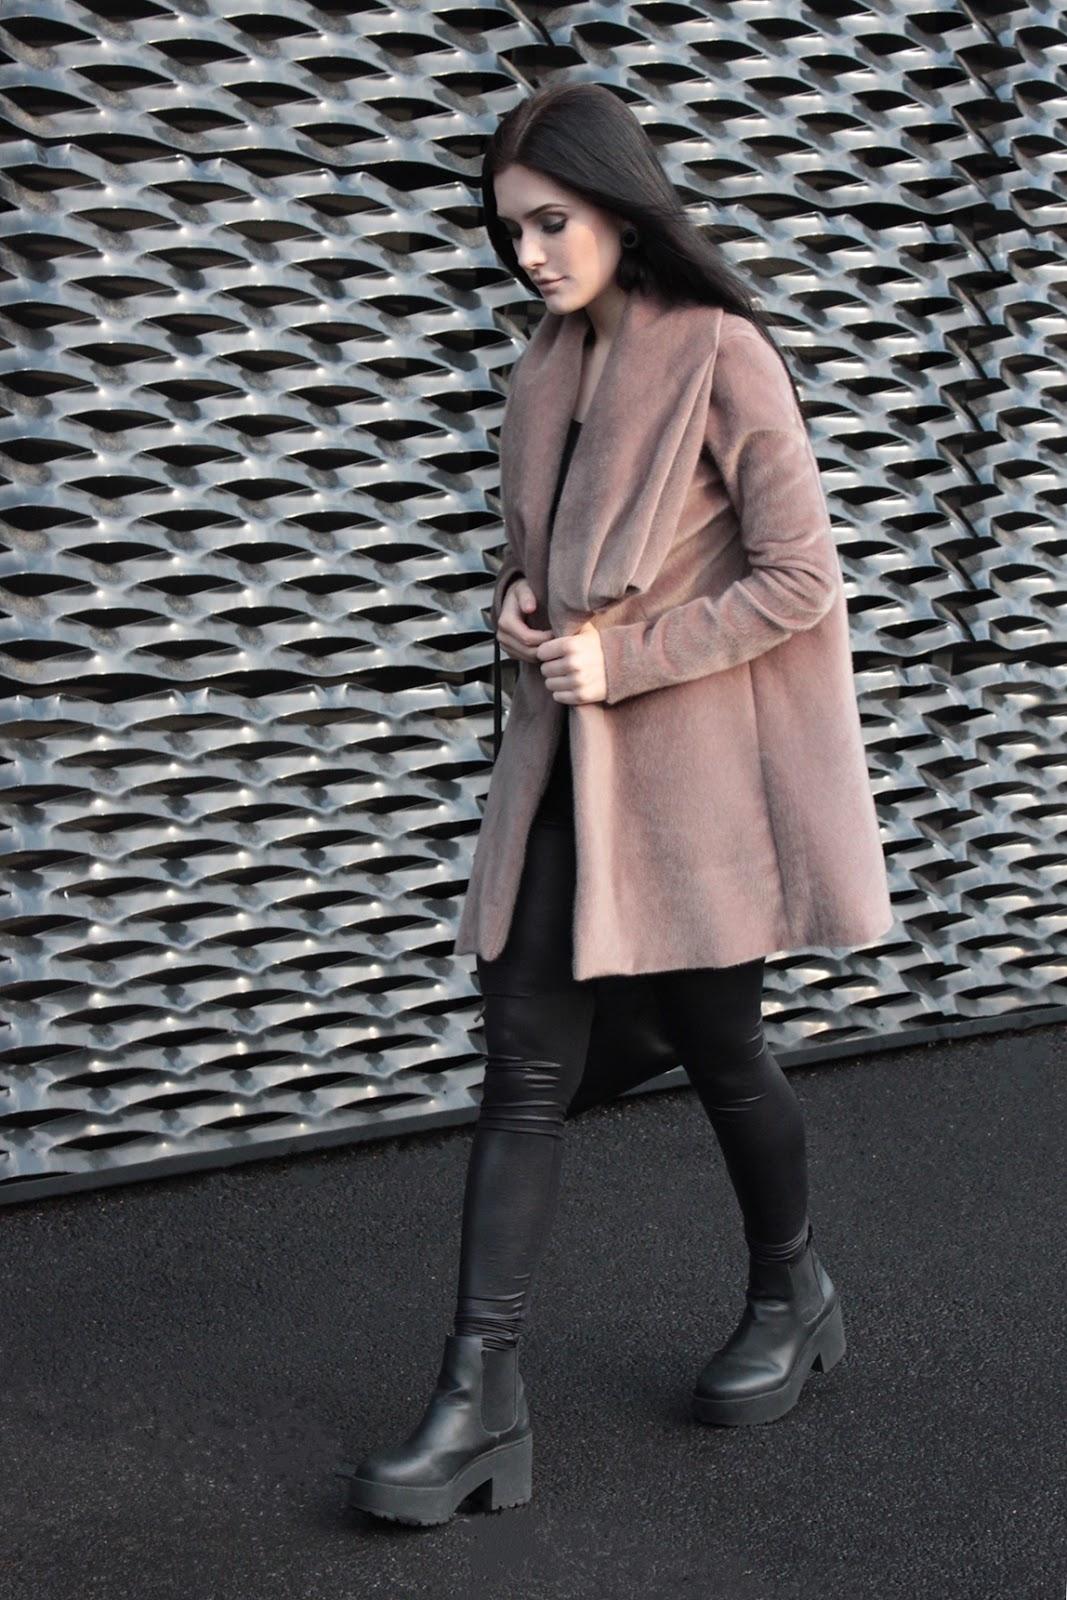 płaszcz l nude l beżowy l look l stylizacja l fur coat